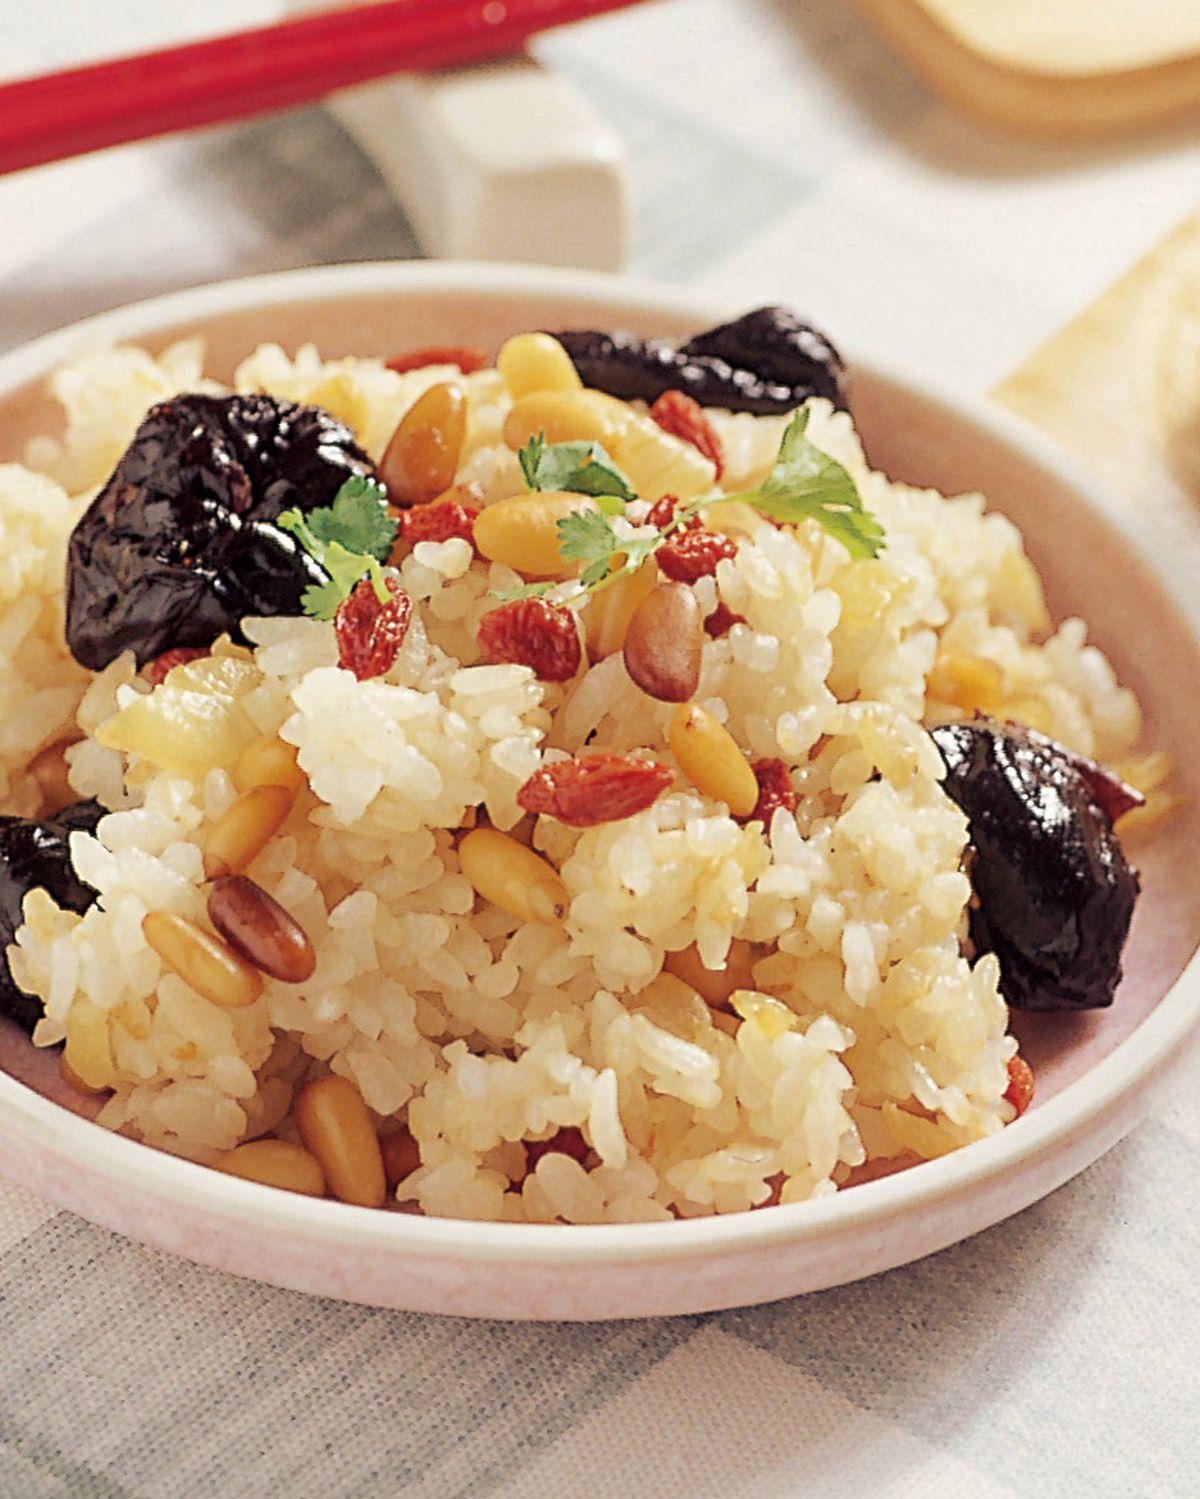 食譜:蜜棗炒飯飯糰